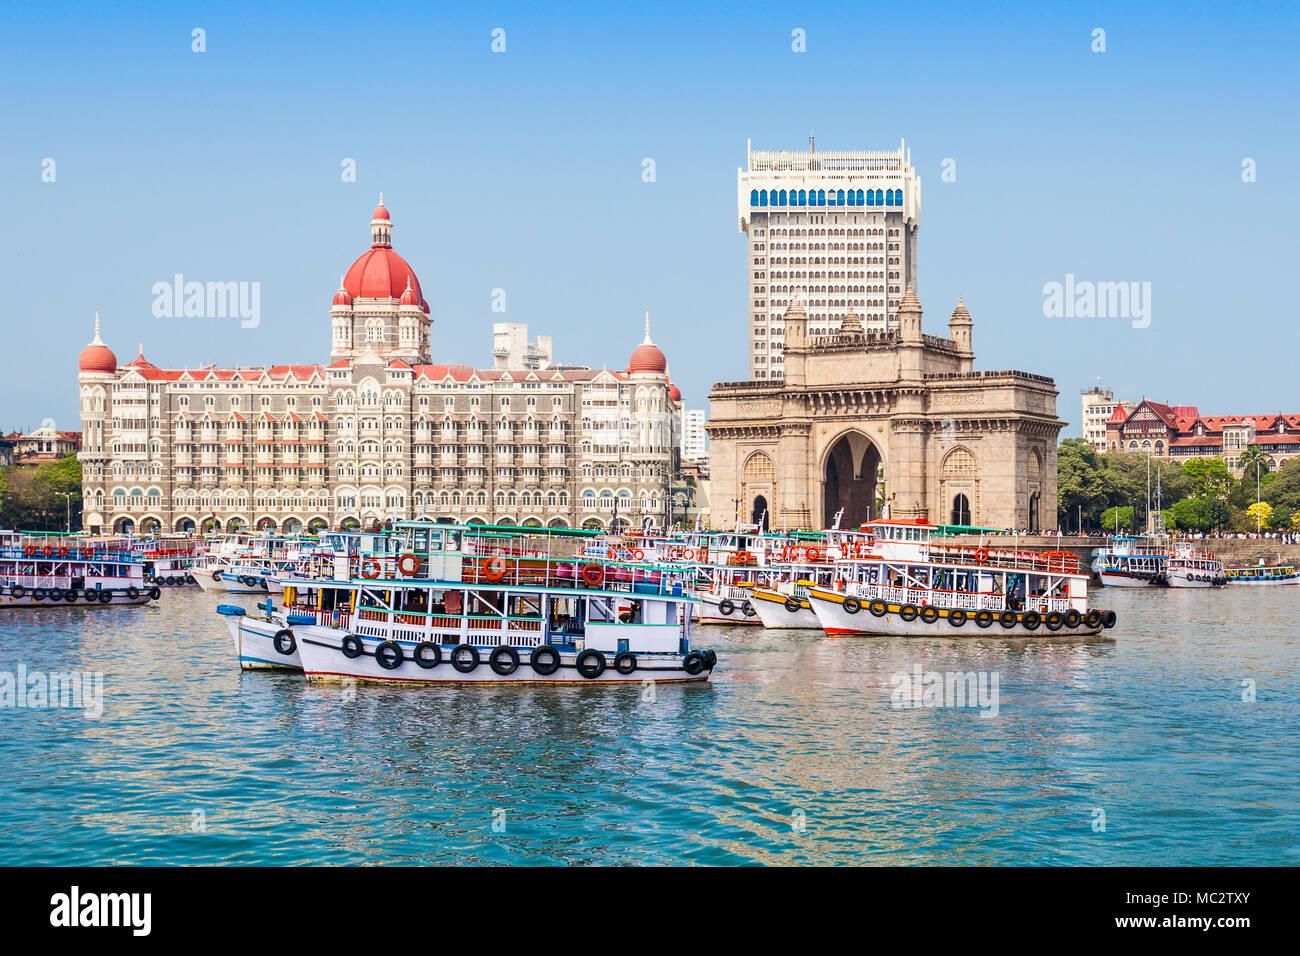 La puerta de la India y los barcos vistos desde el puerto de Mumbai en Mumbai, India Imagen De Stock